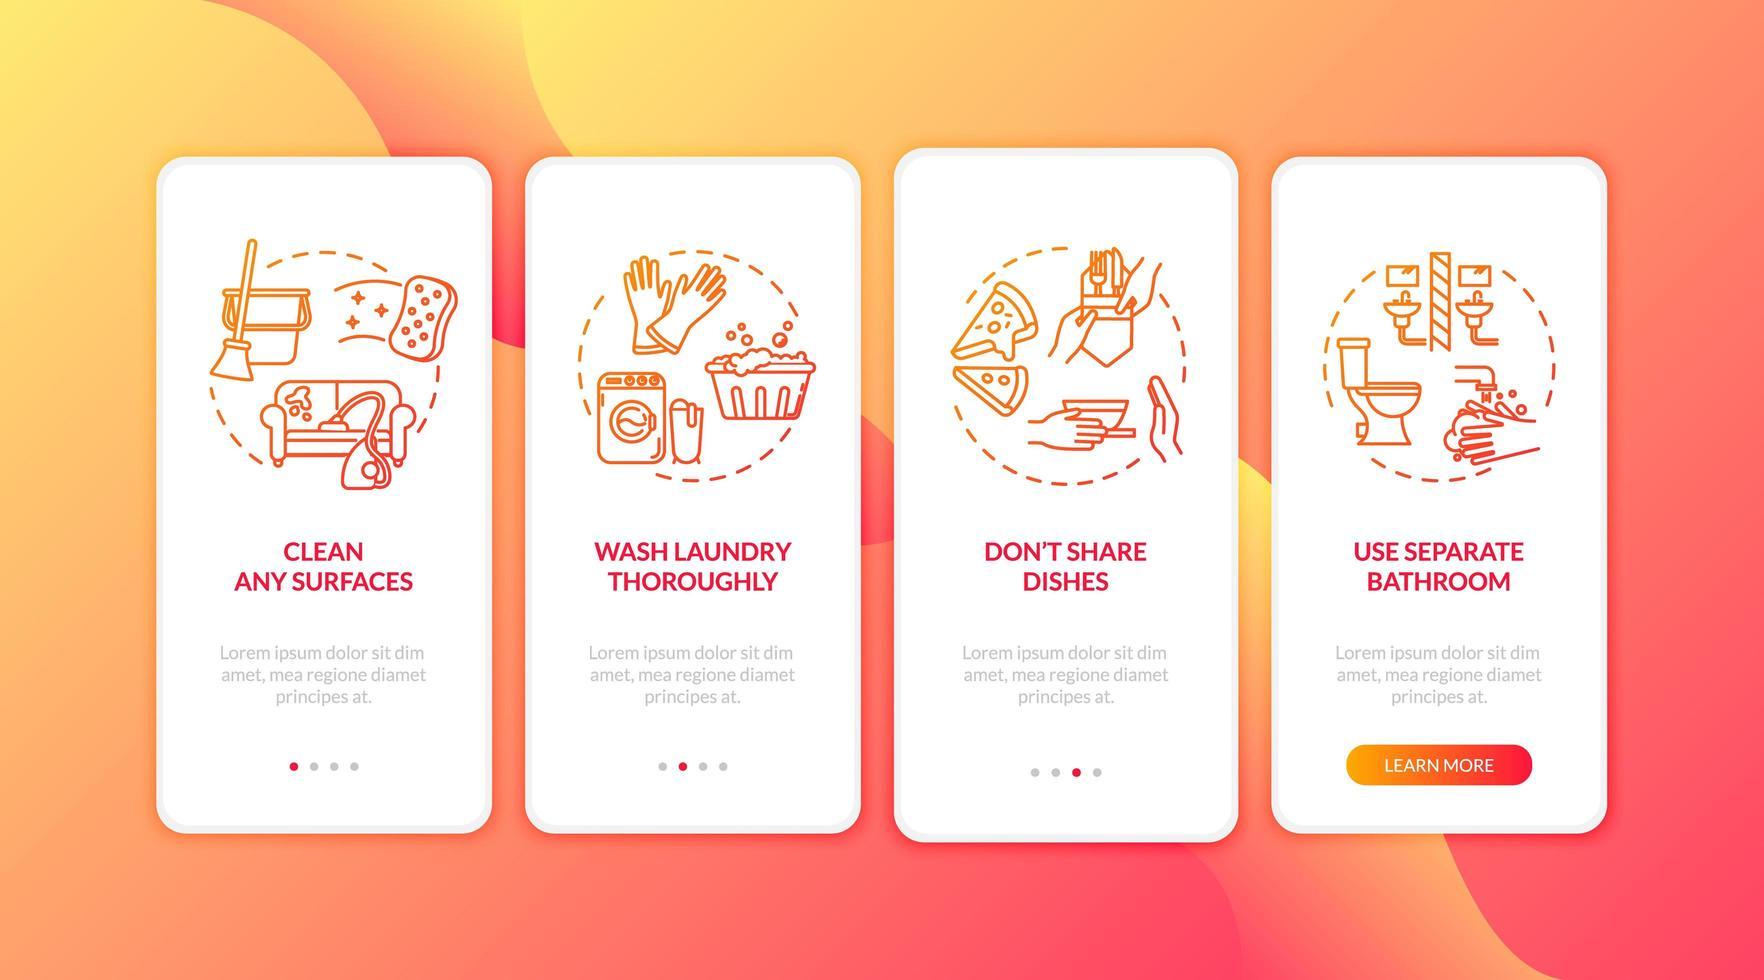 aplicativo móvel de integração de tarefas domésticas em quarentena vetor